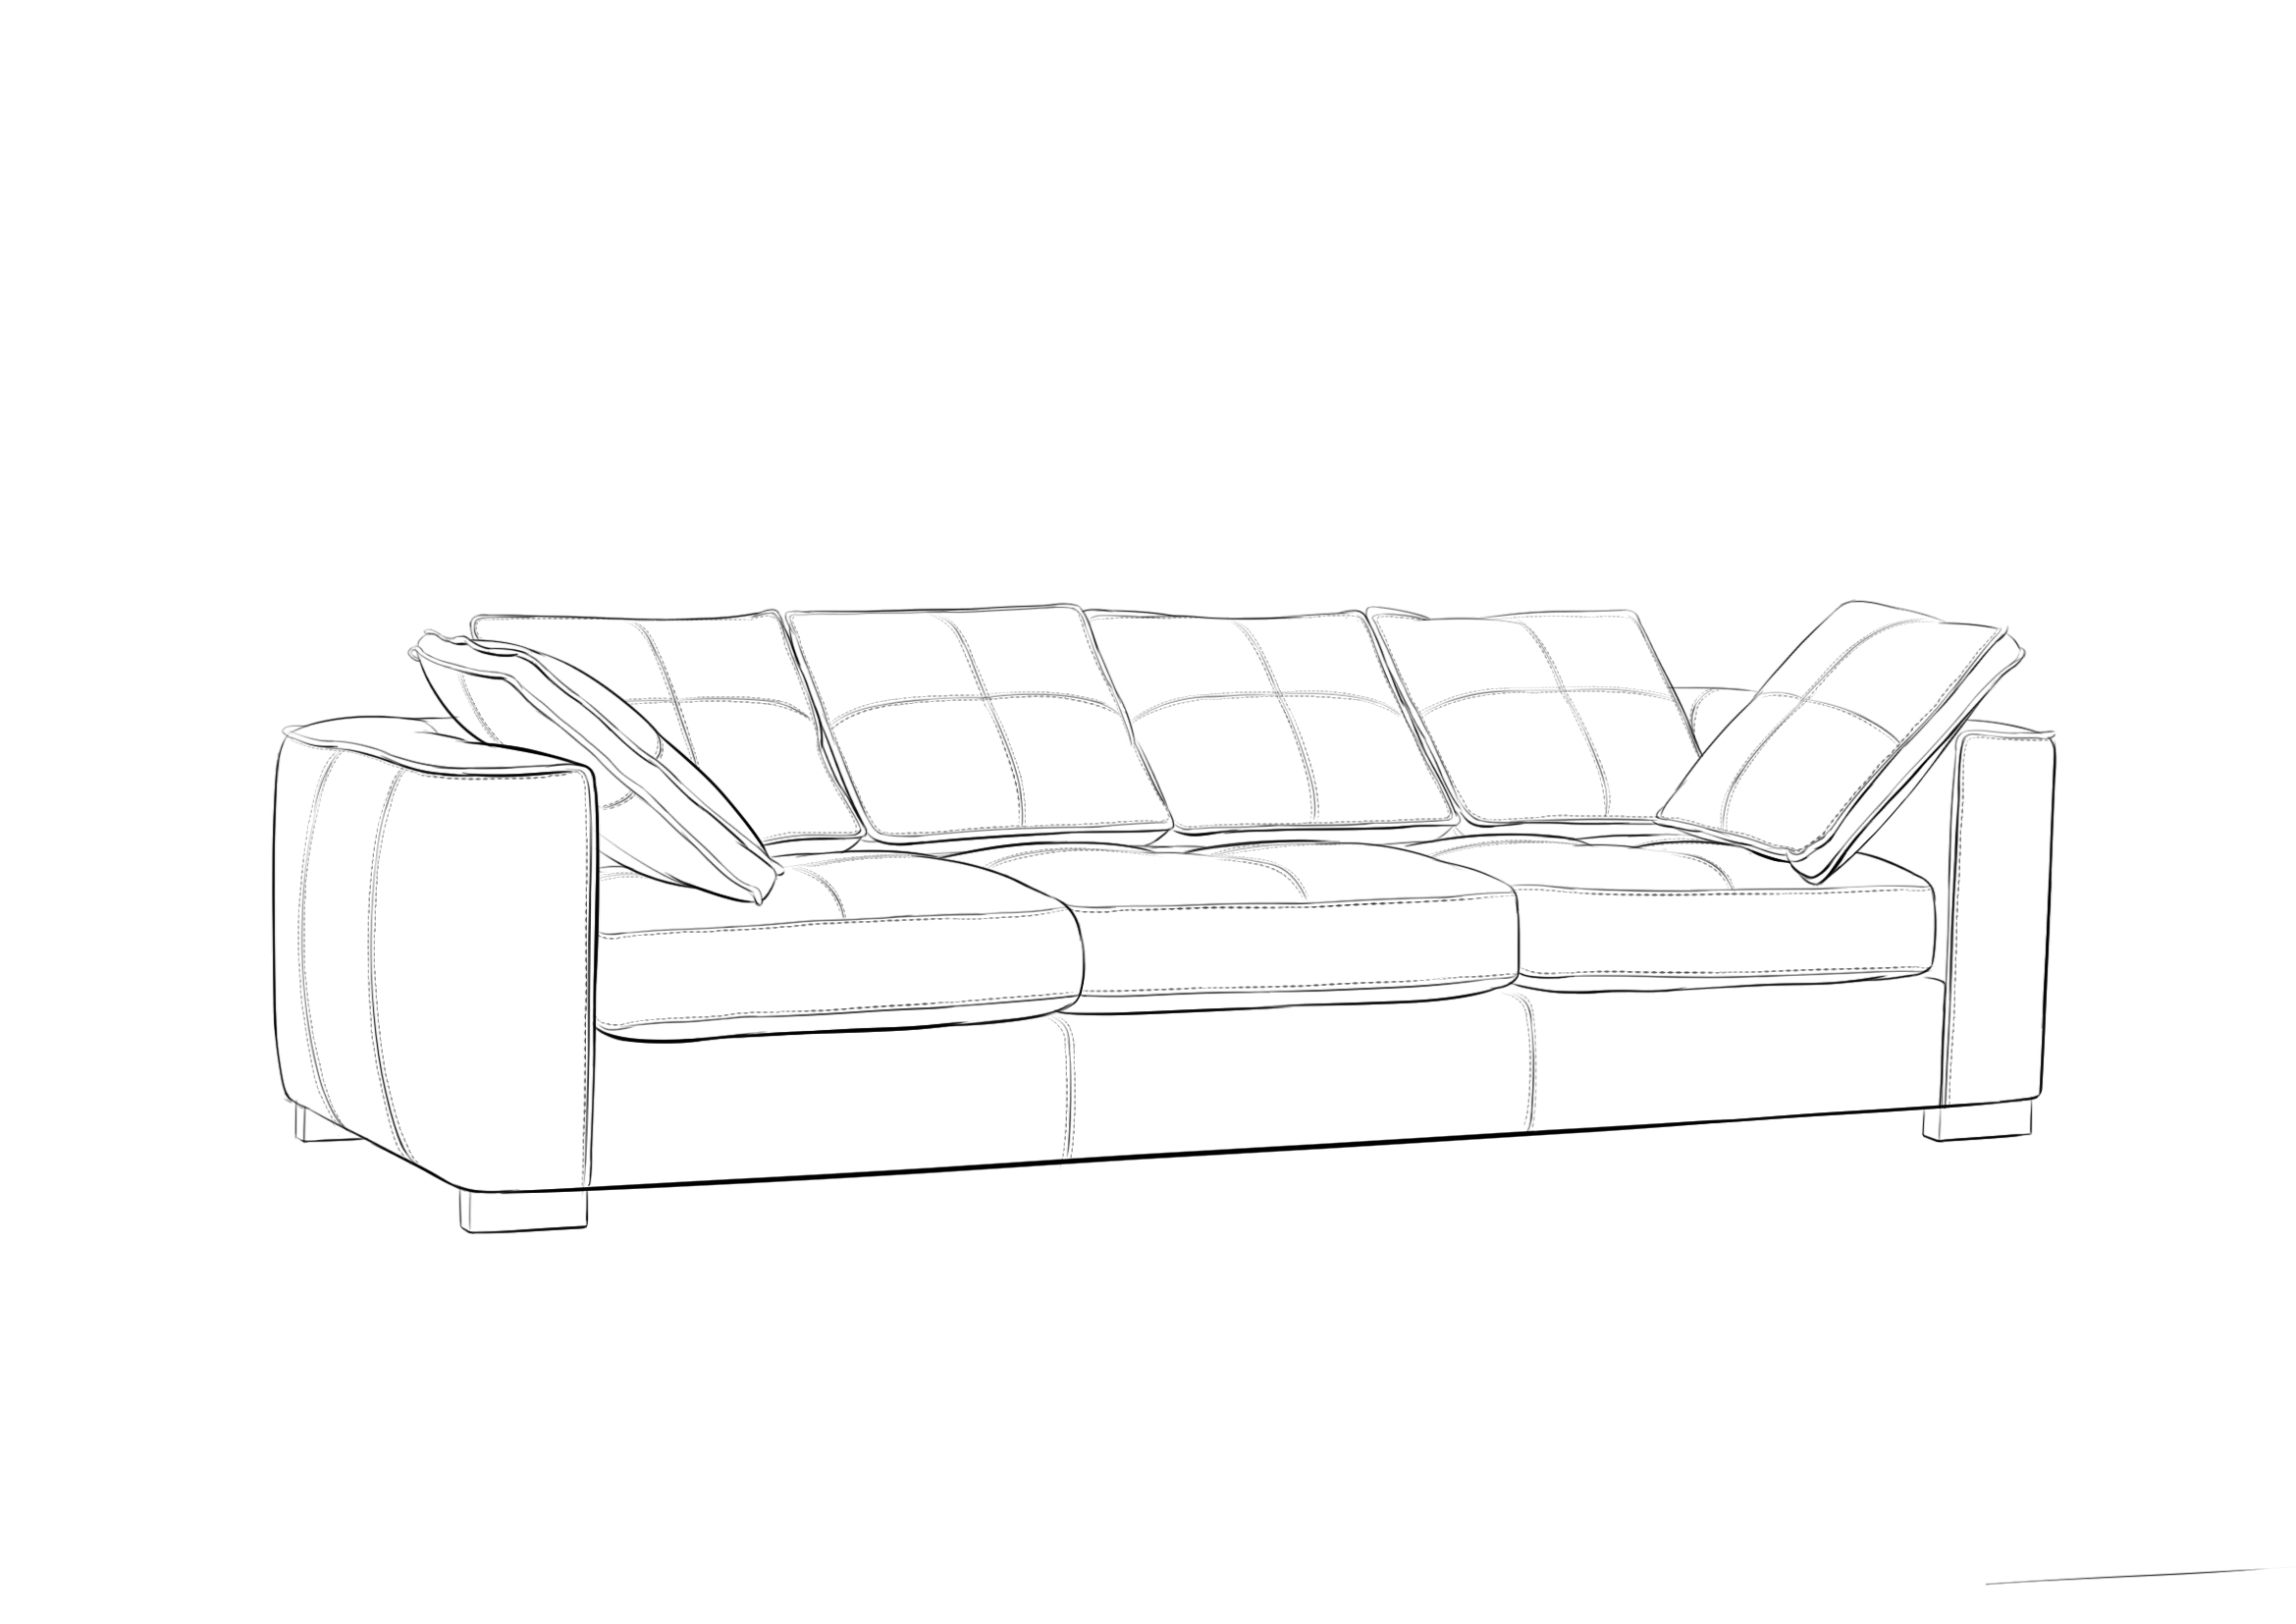 户型 户型图 简笔画 平面图 手绘 线稿 2339_1654